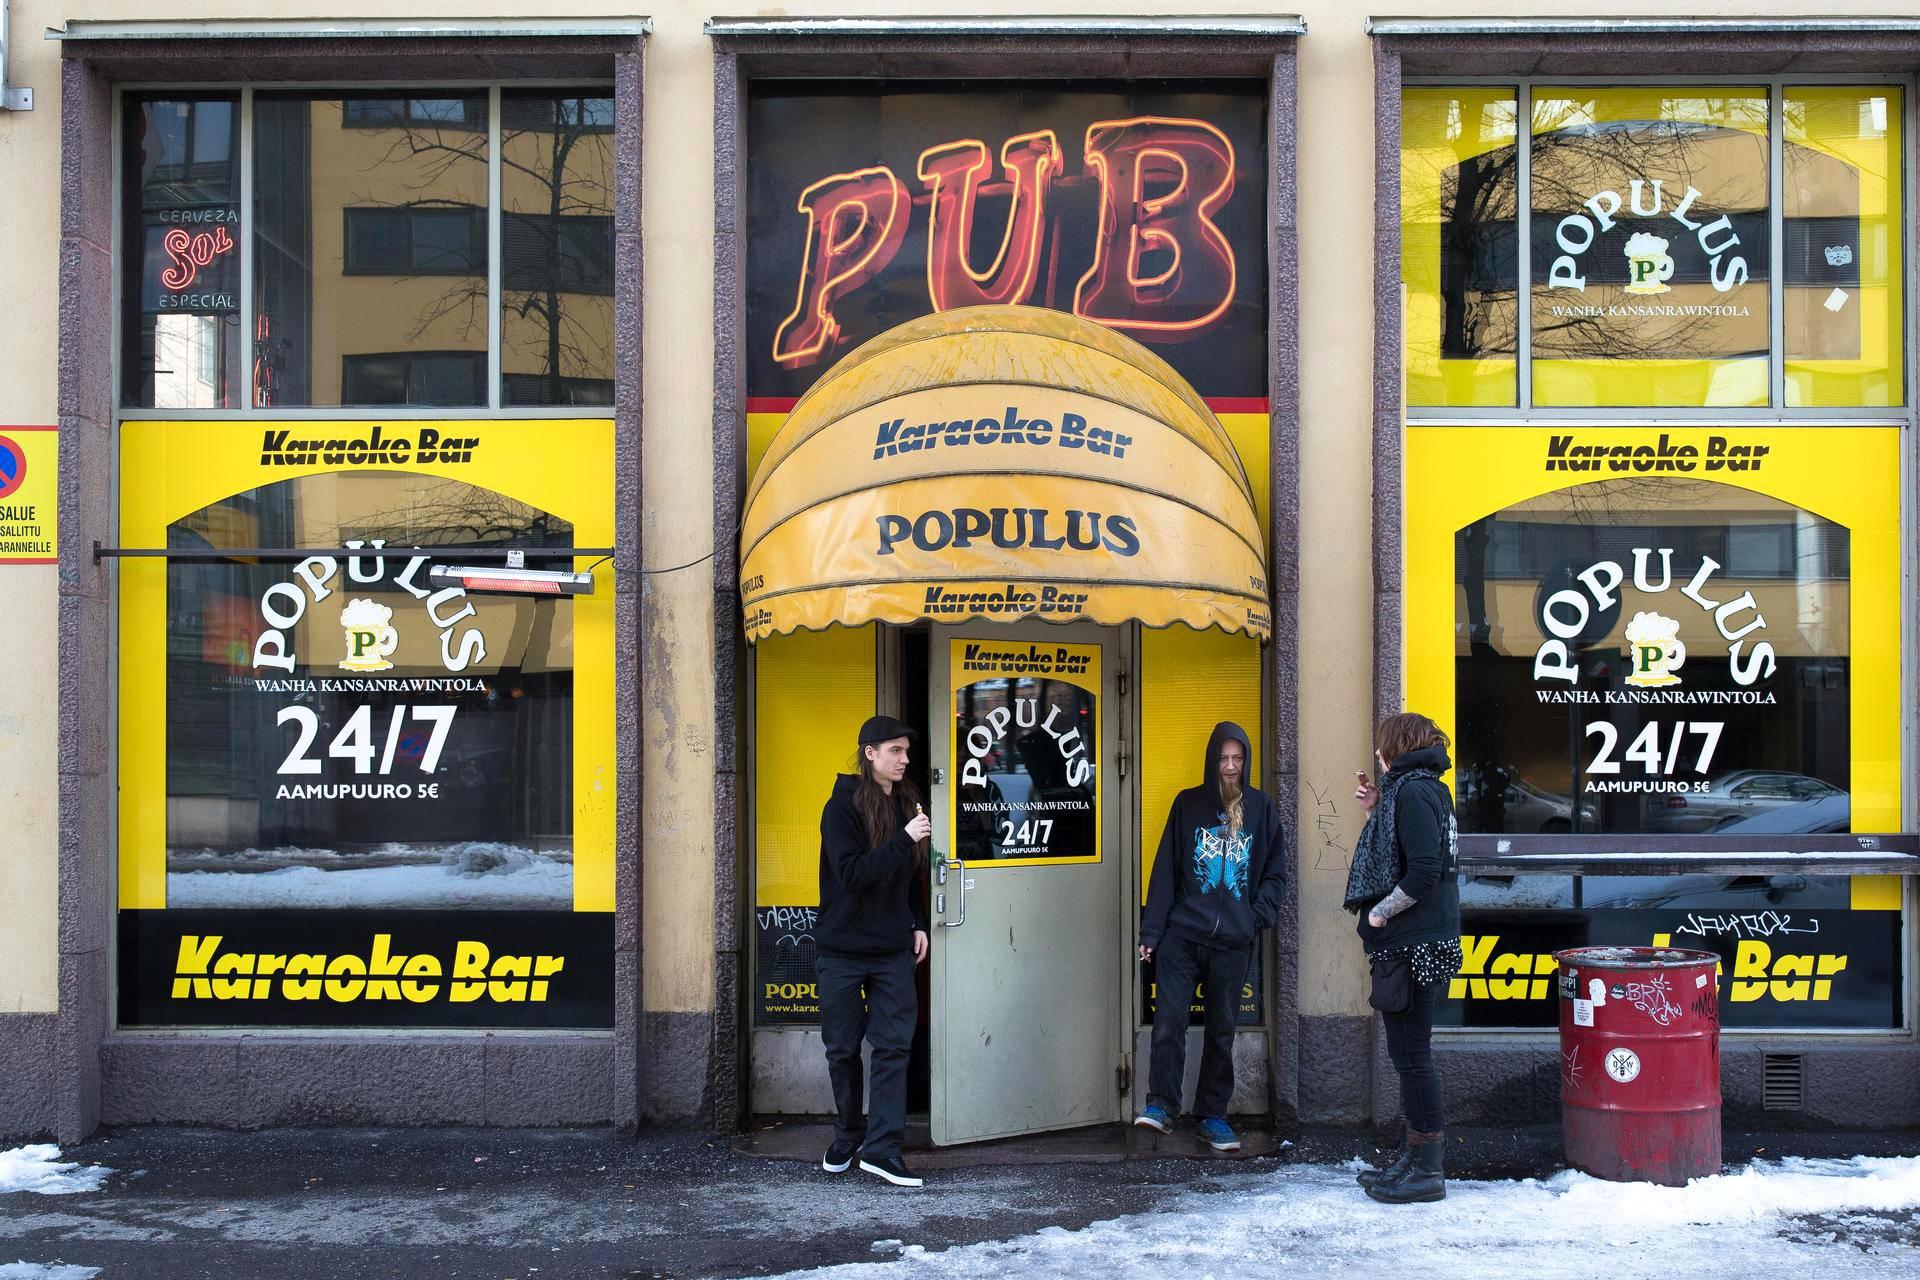 Populuksessa on tupakkakoppi, mutta osa asiakkaista kävi tupakalla baarin edustalla. Populus mainostaa myös viiden euron aamupuuroja.